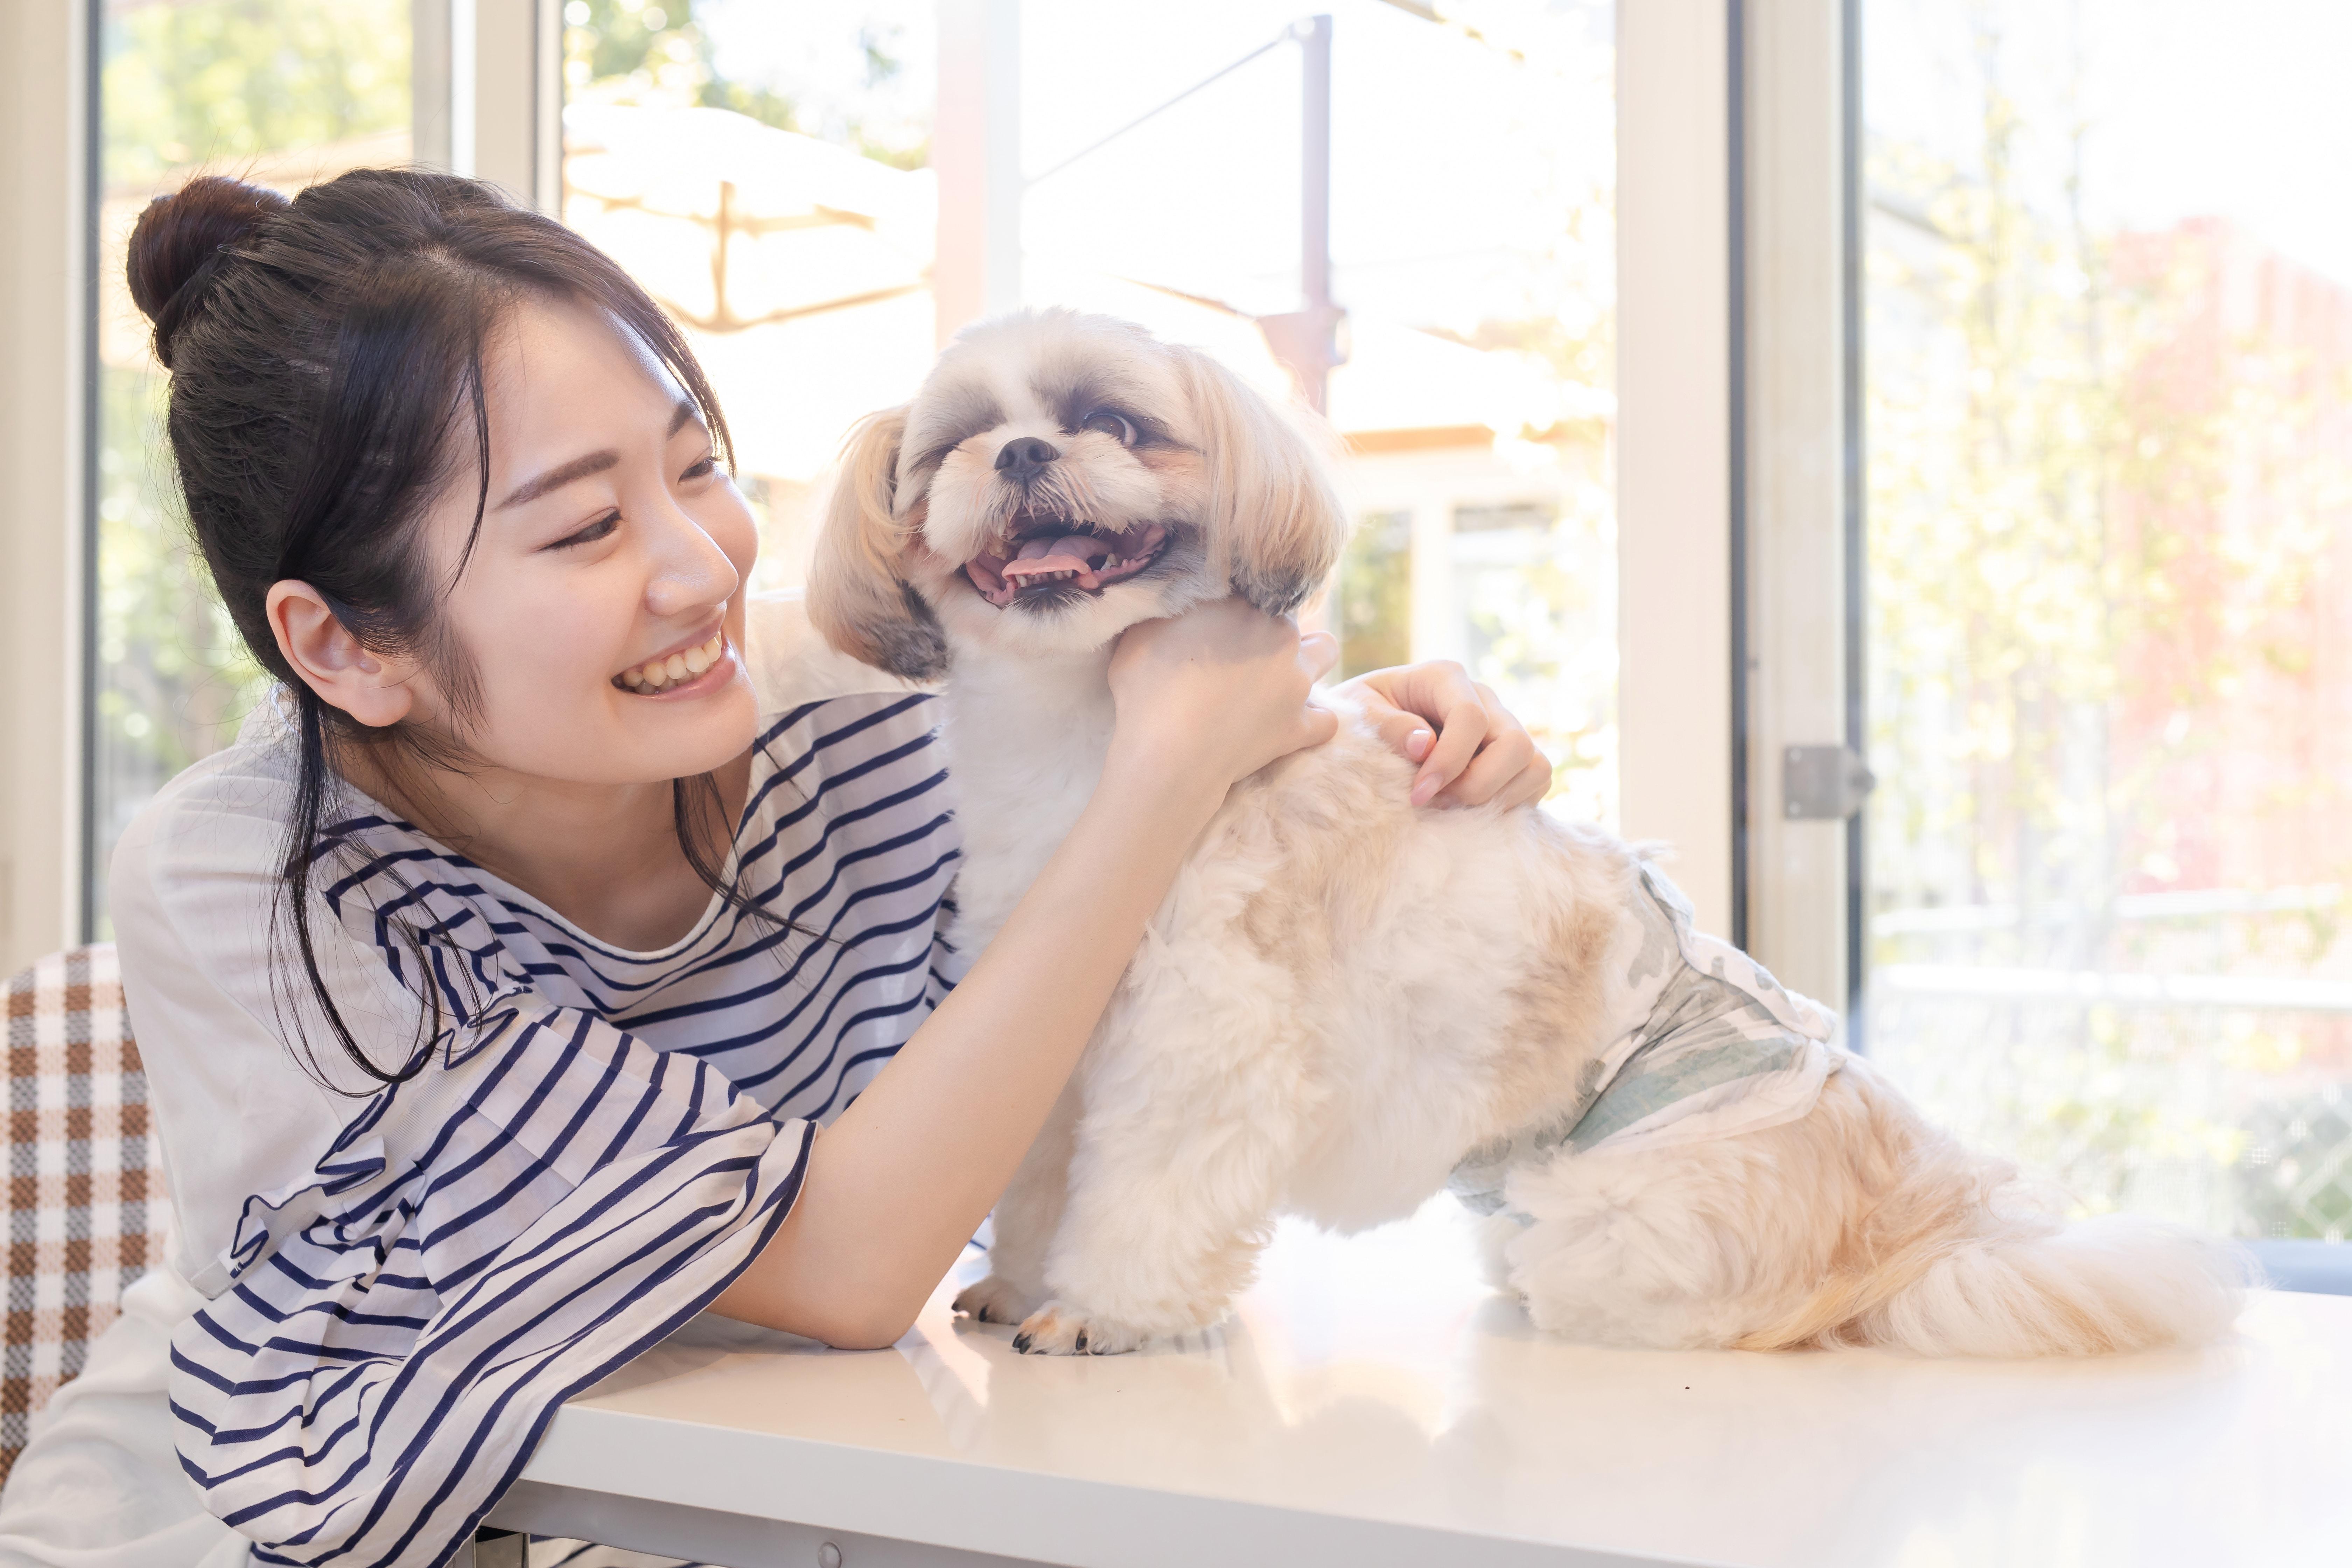 犬とじゃれる女性